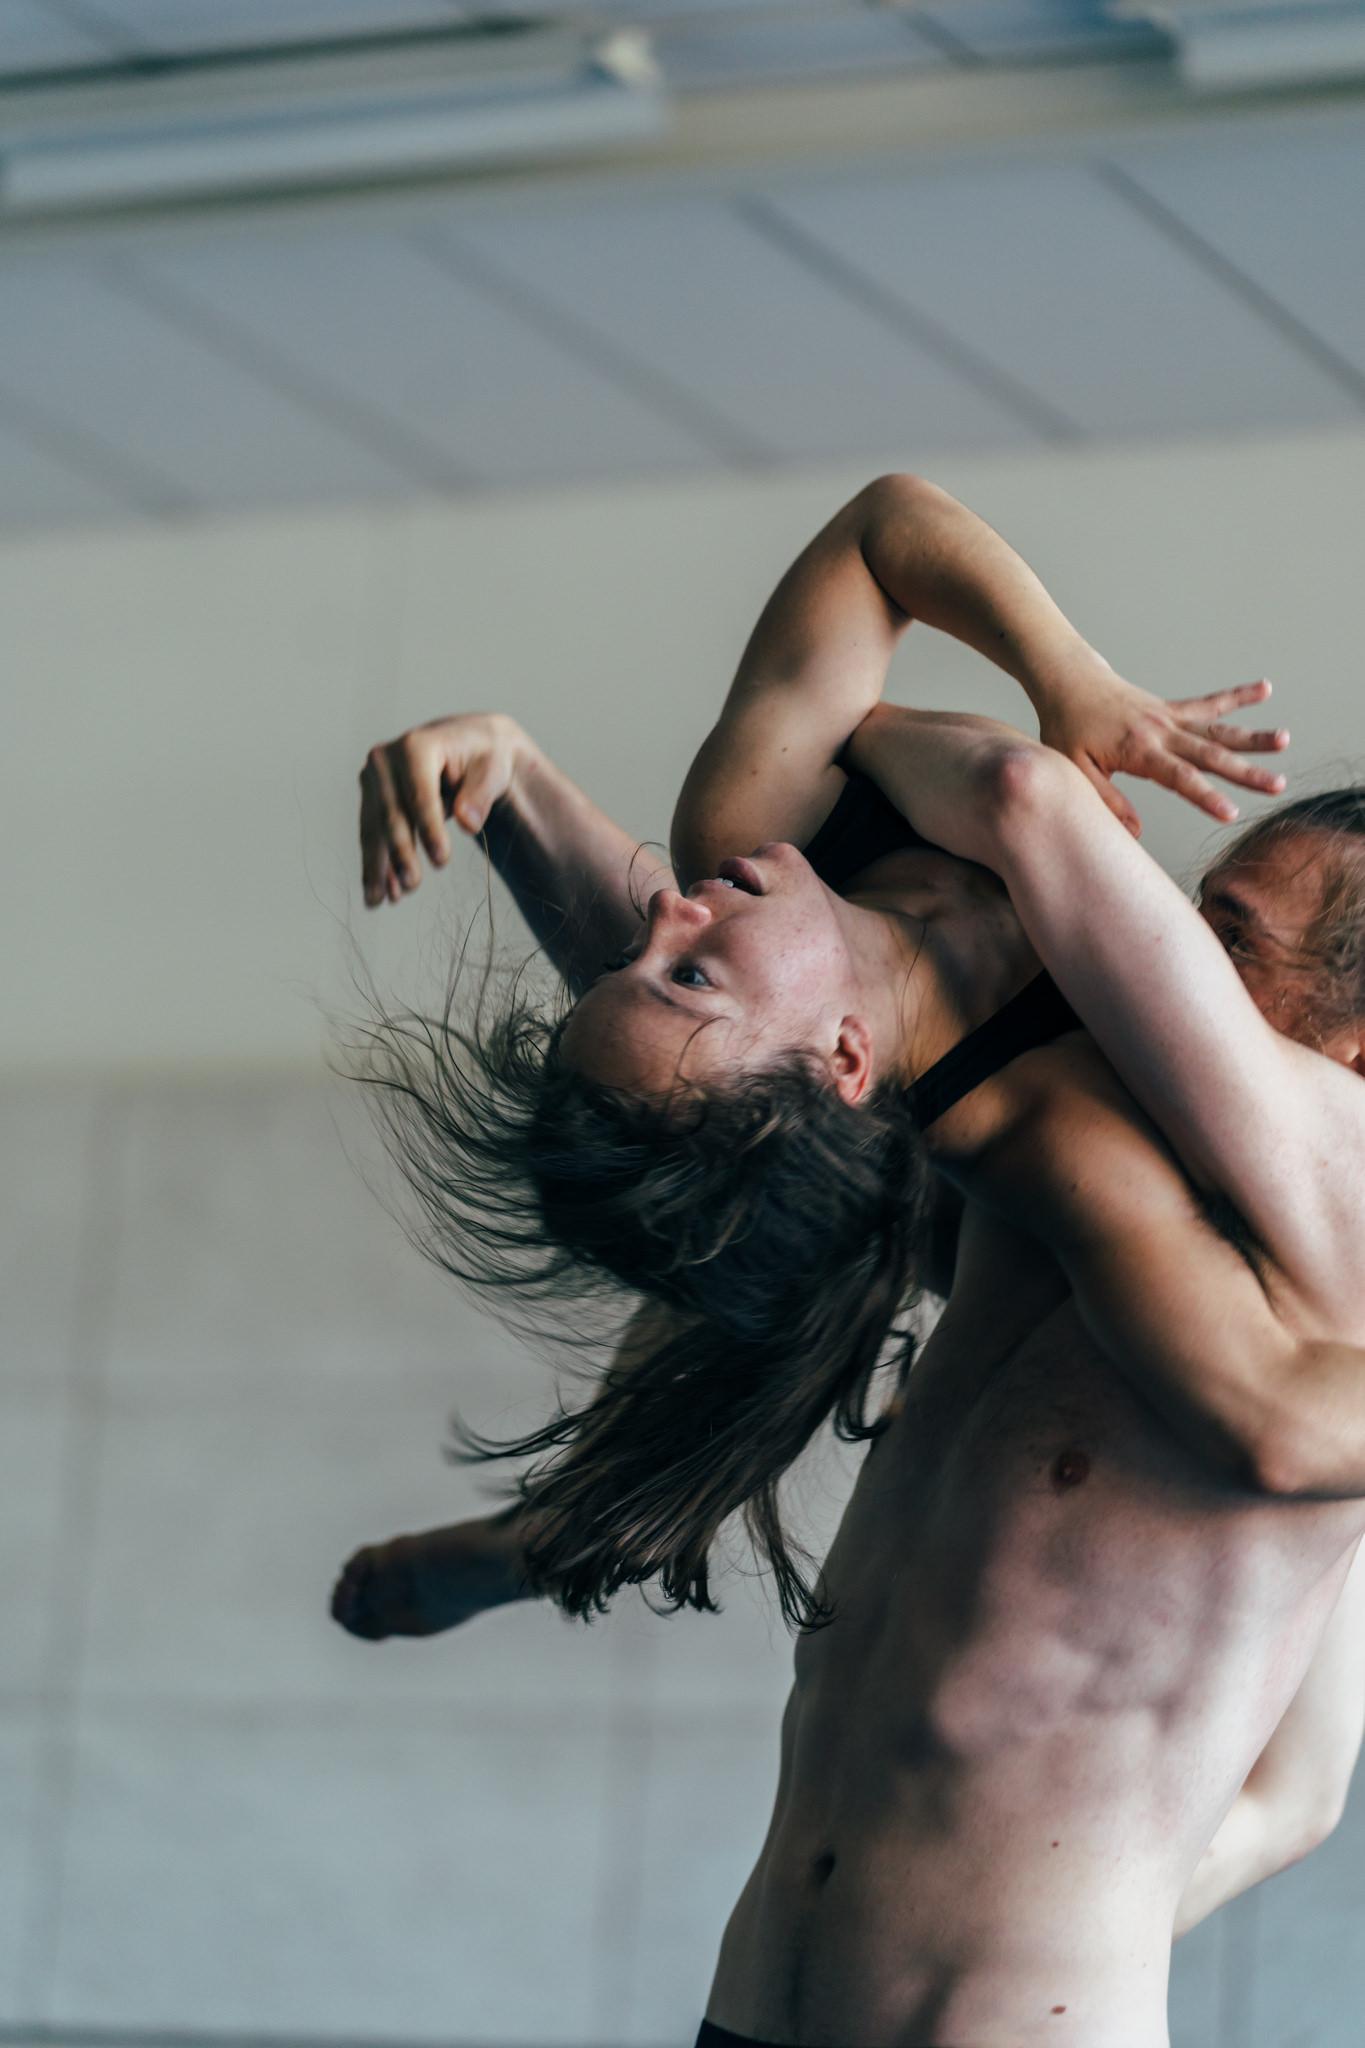 Sjoerd Derine / Blenard Azizaj / Amsterdamse Hogeschool voor de Kunsten